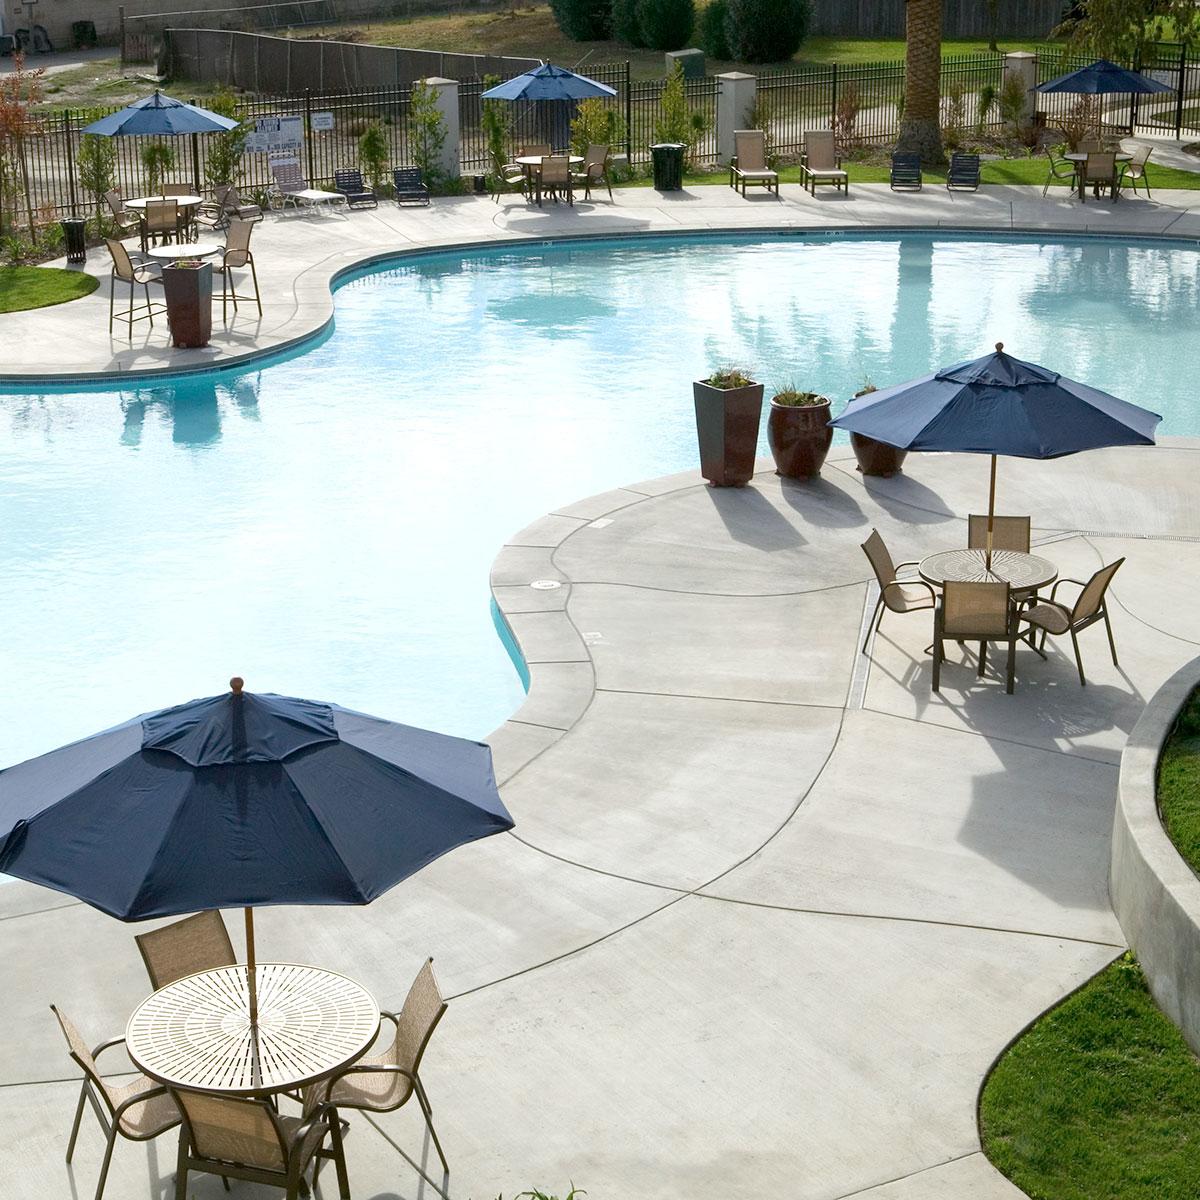 resort pool & spa  - Amenities at The Arbors - homes for rent Antelope CA